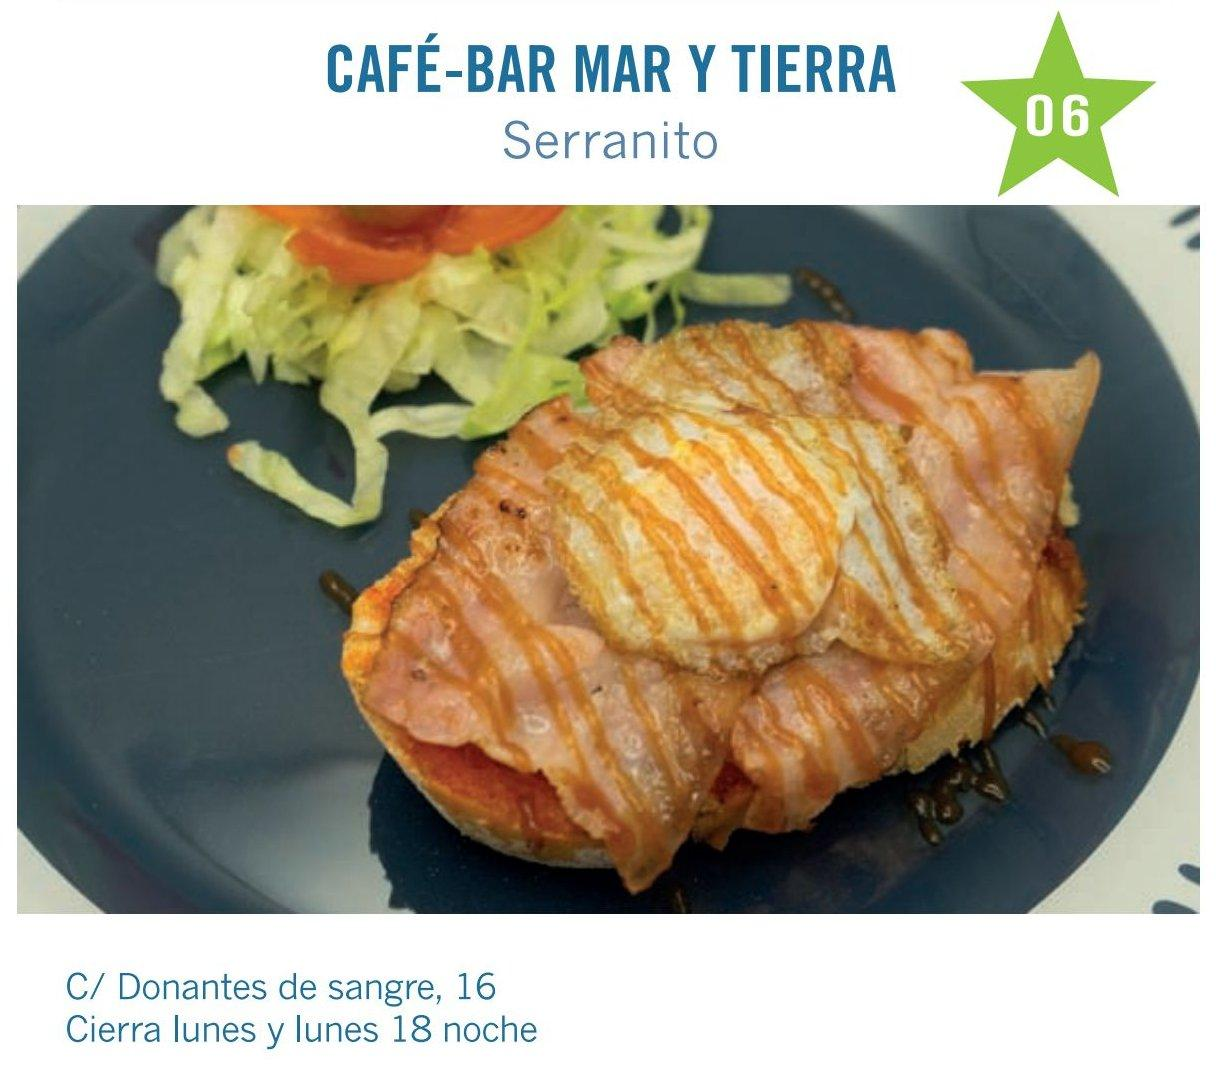 Serranito es la tapa de cafe bar mar y tierra para molina tapas 2017